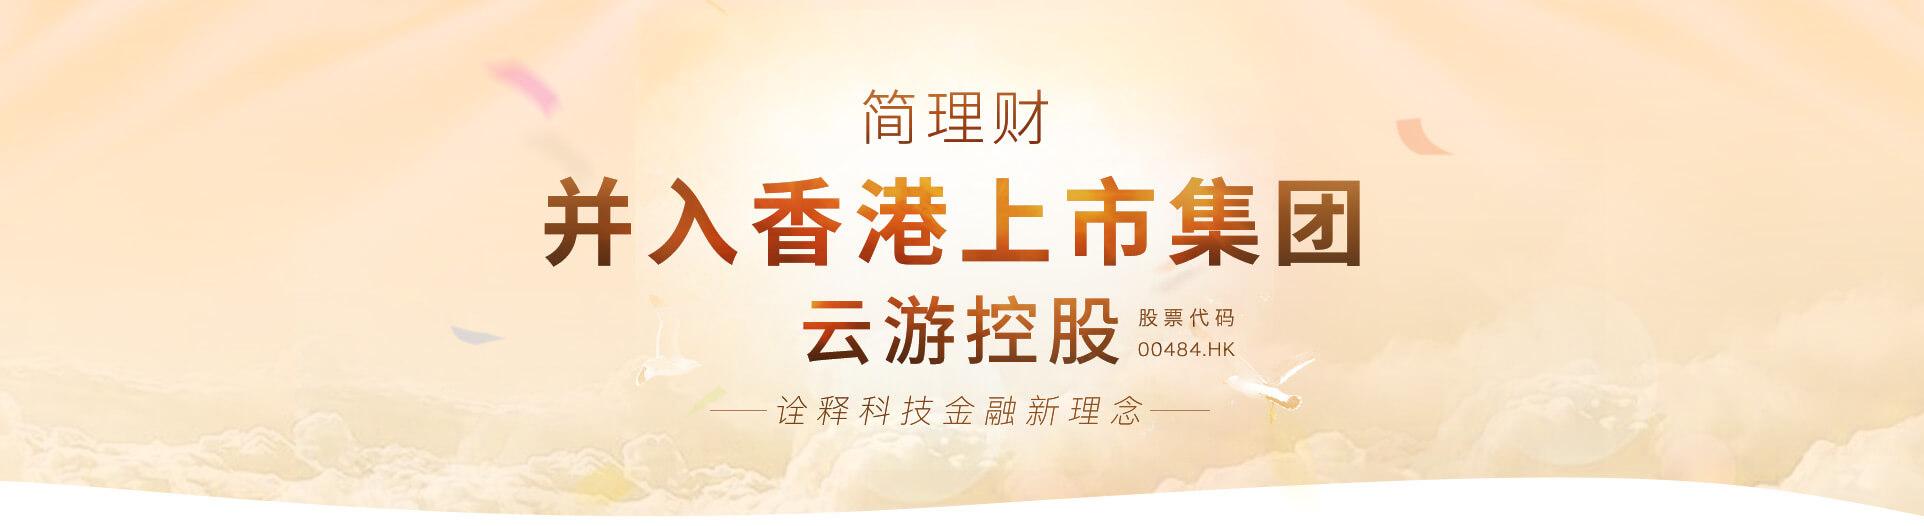 简理财携手云游控股诠释科技金融新理念